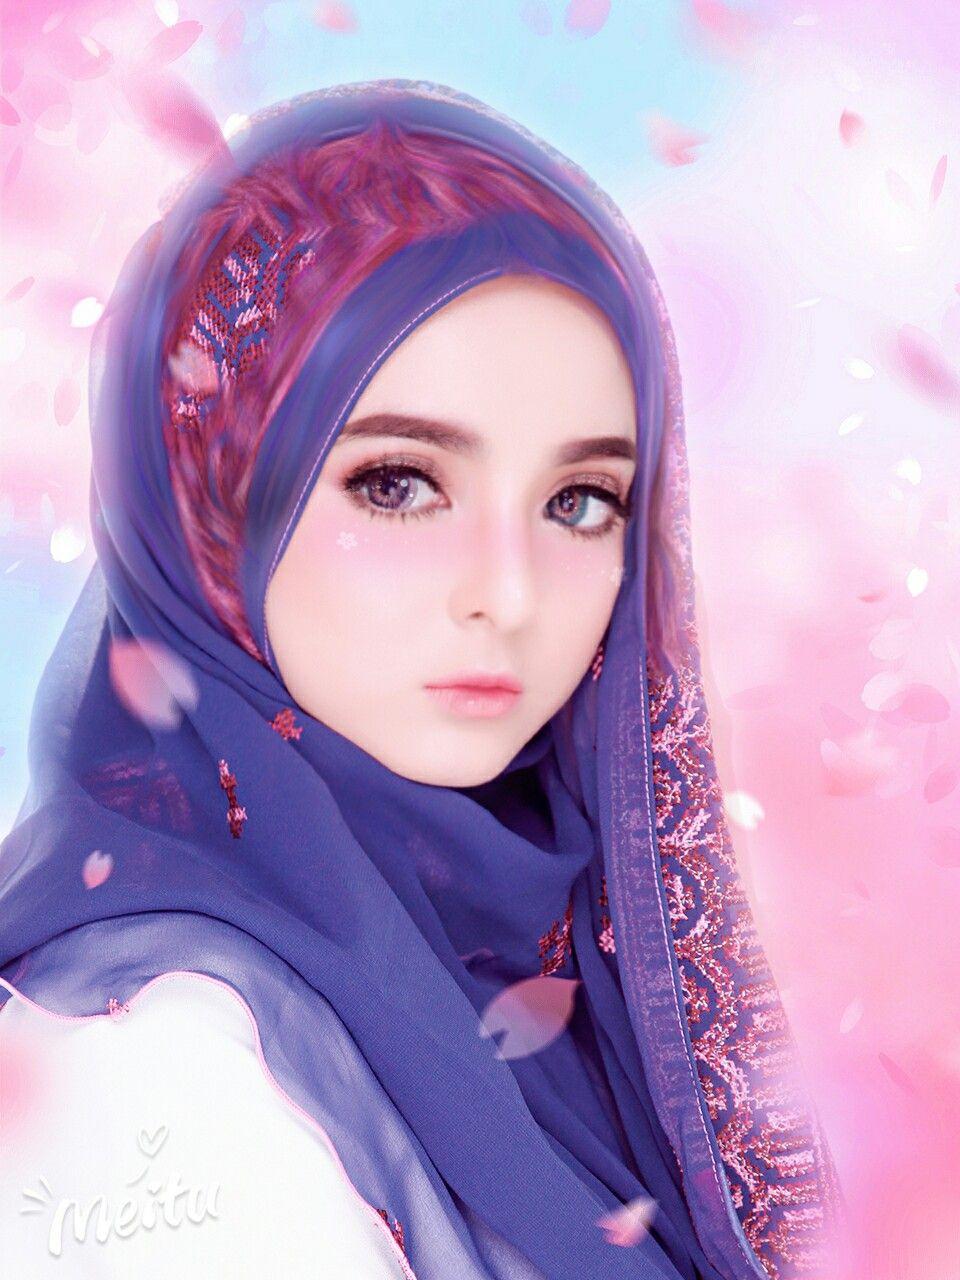 Anime hijab 😍😍 Lukisan wajah, Kartun, Lukisan digital